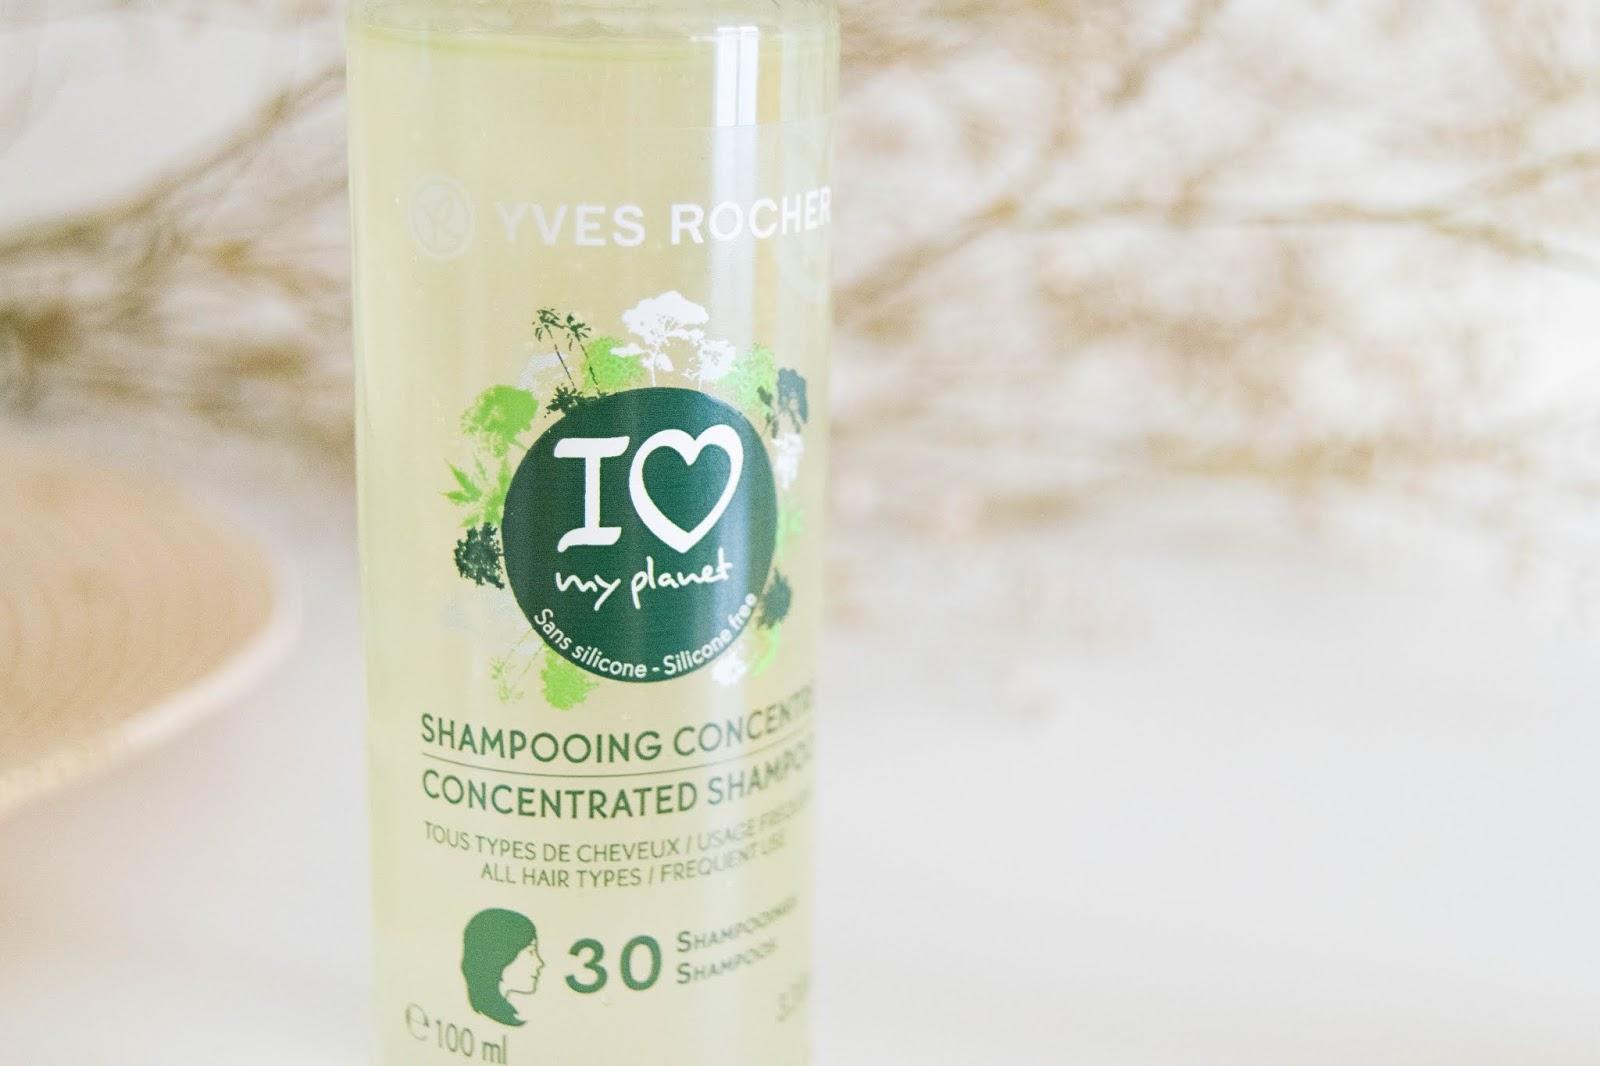 shampoo concentrado yves rocher